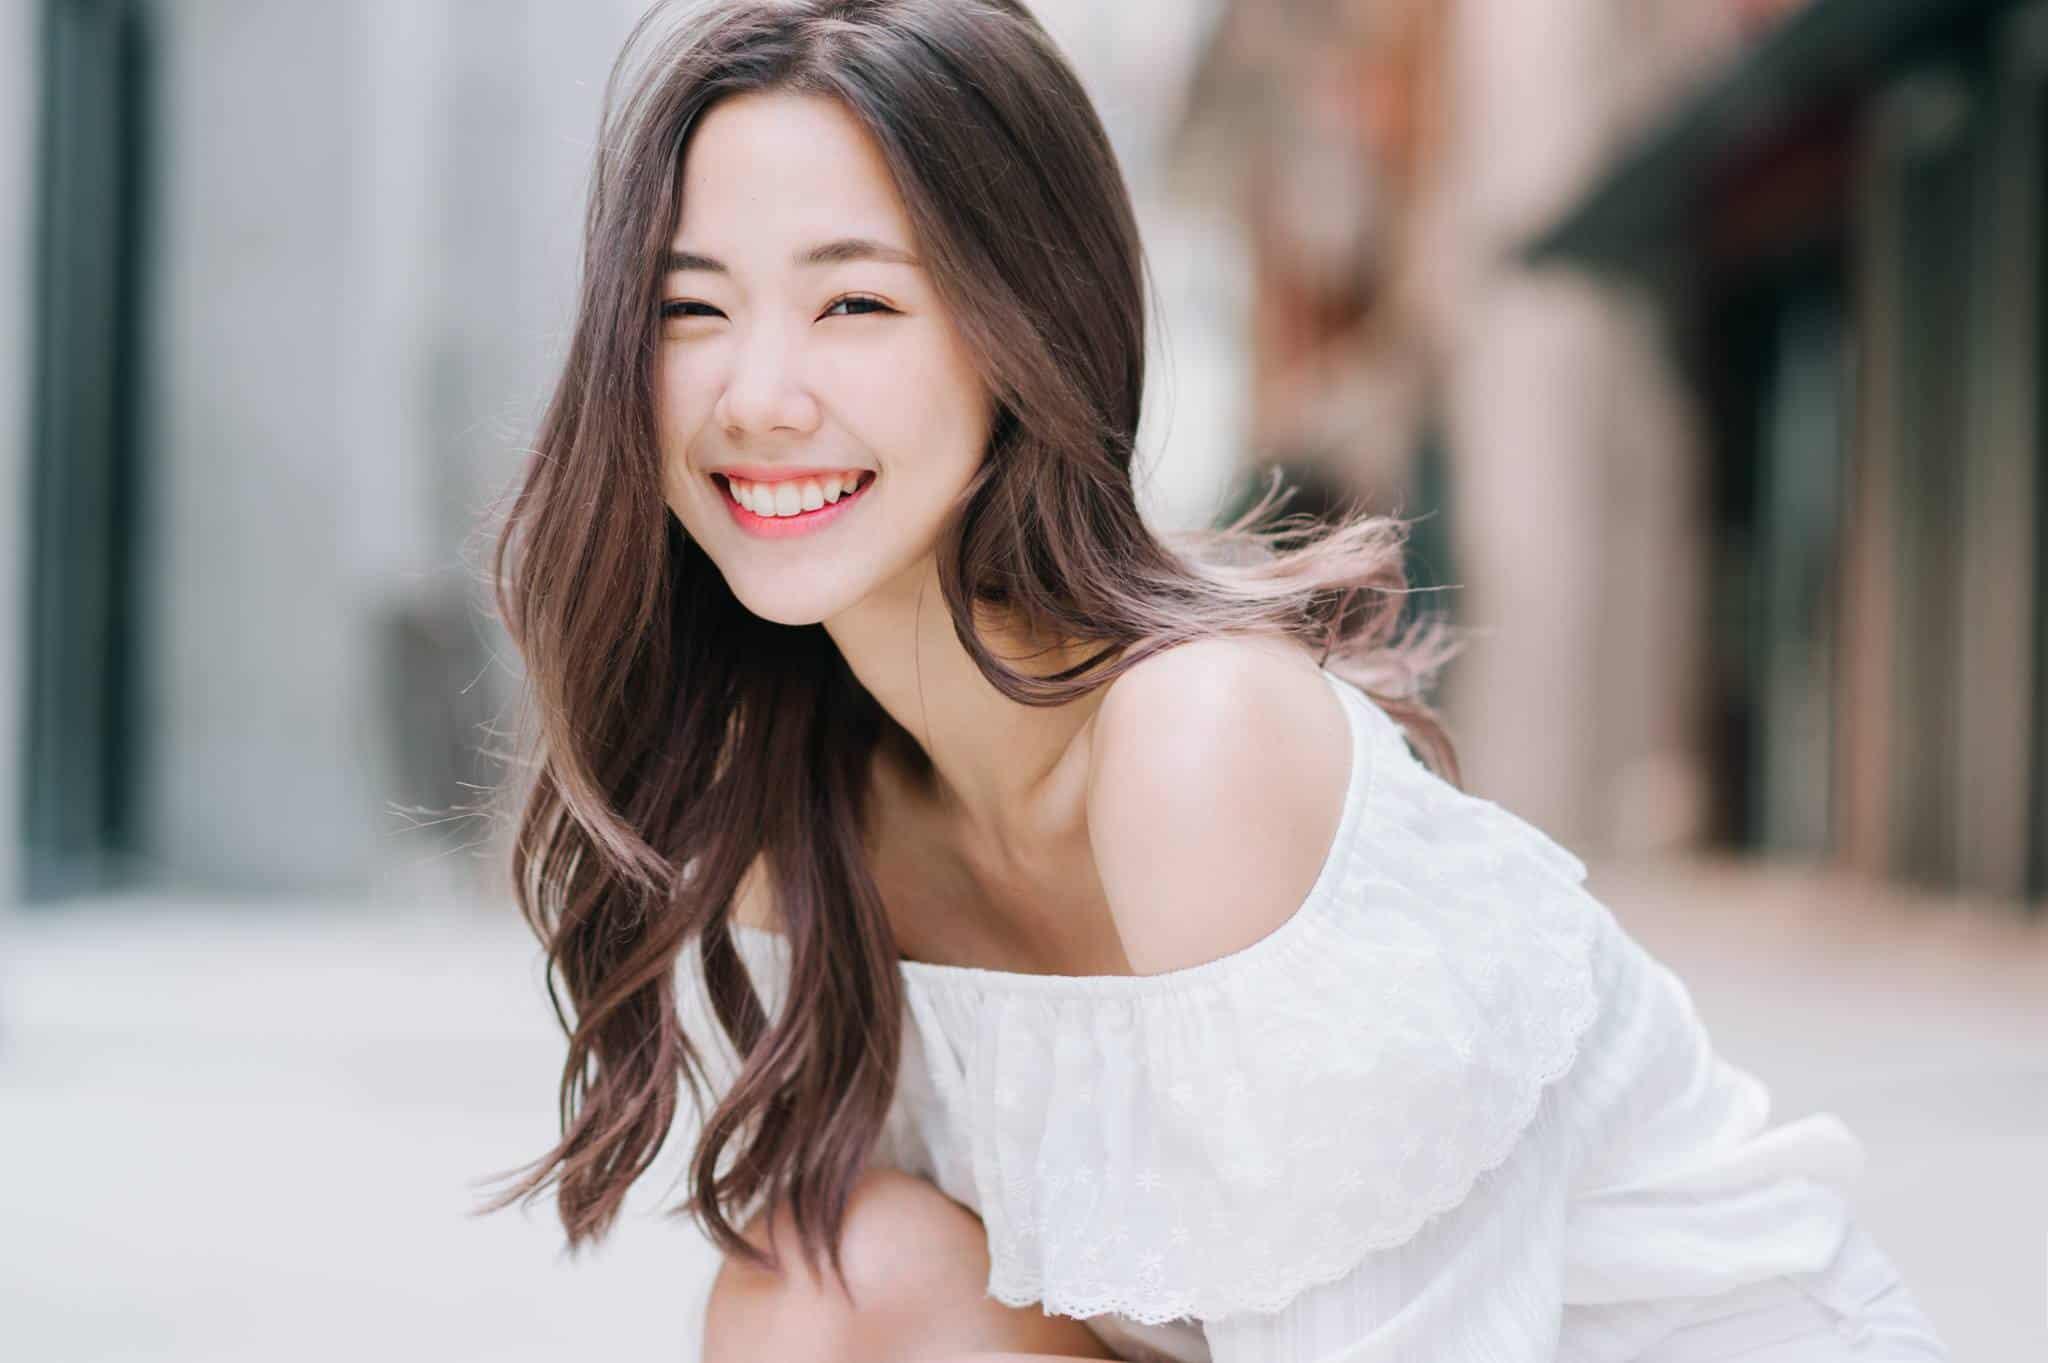 Một nụ cười thật tươi sẽ khiến bạn trông ăn ảnh hơn nhiều